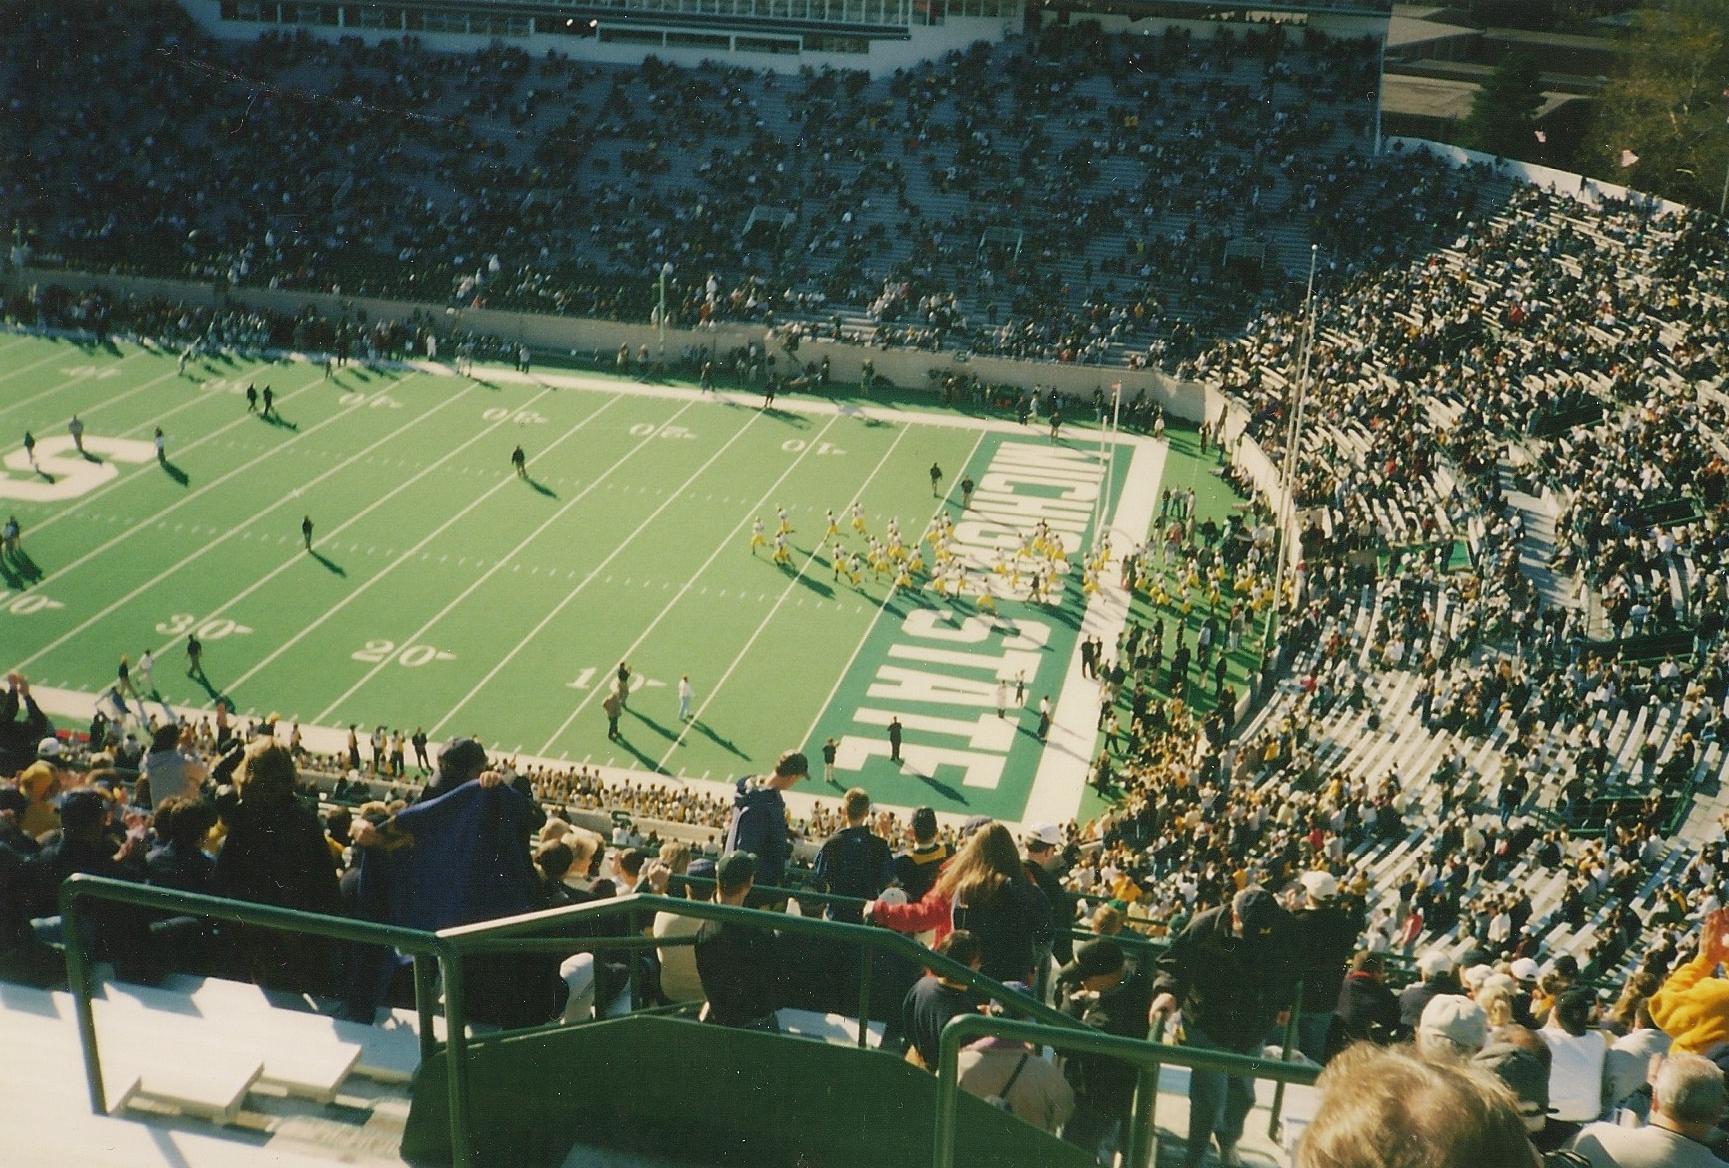 michigan state football - photo #23